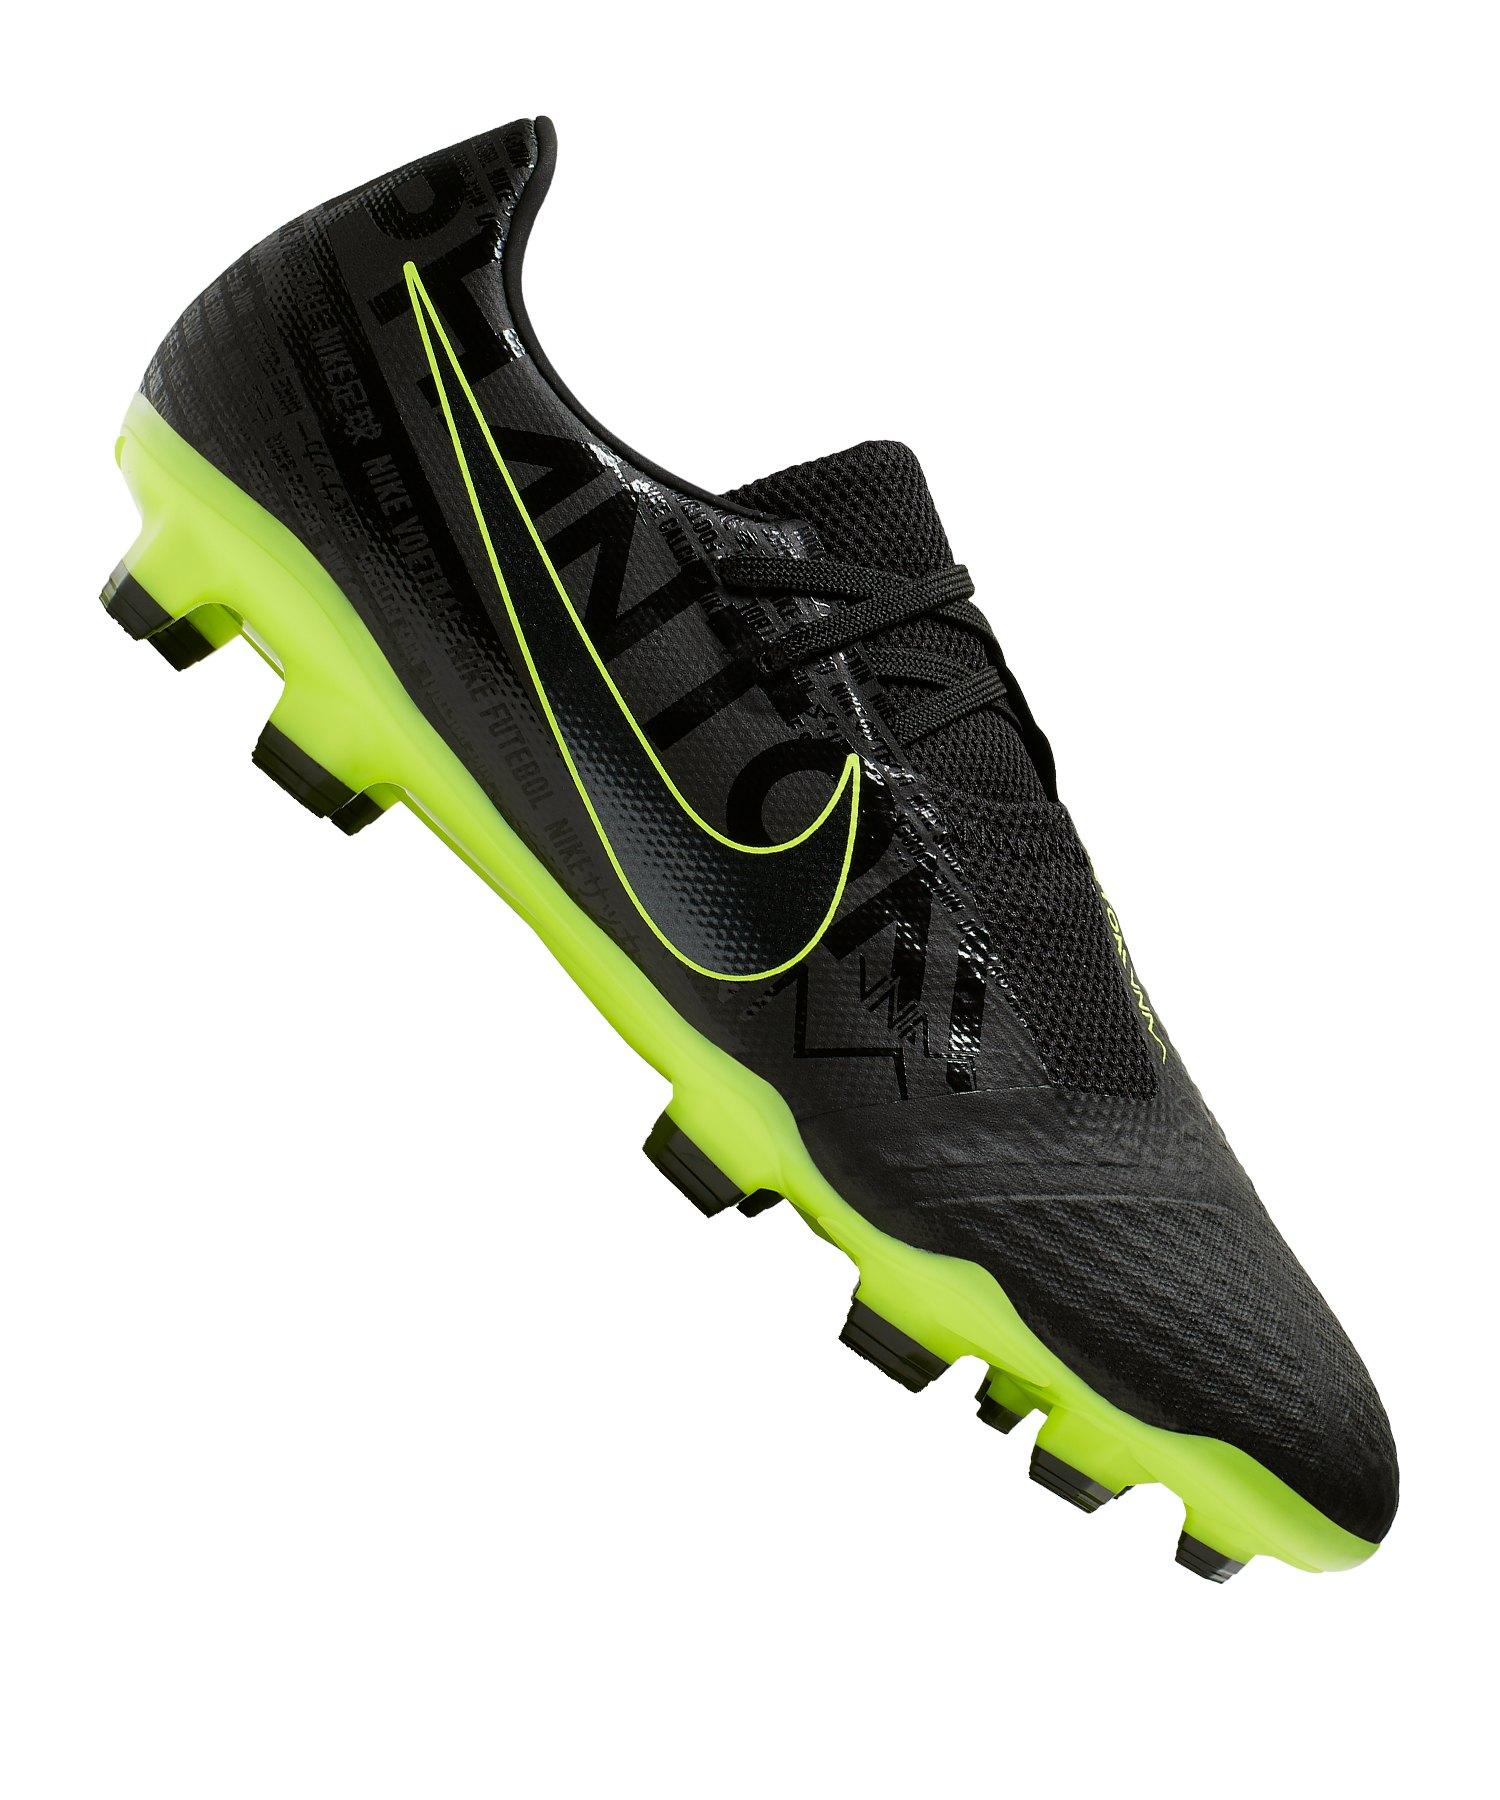 Nike Phantom Venom Academy FG Schwarz F007 - schwarz